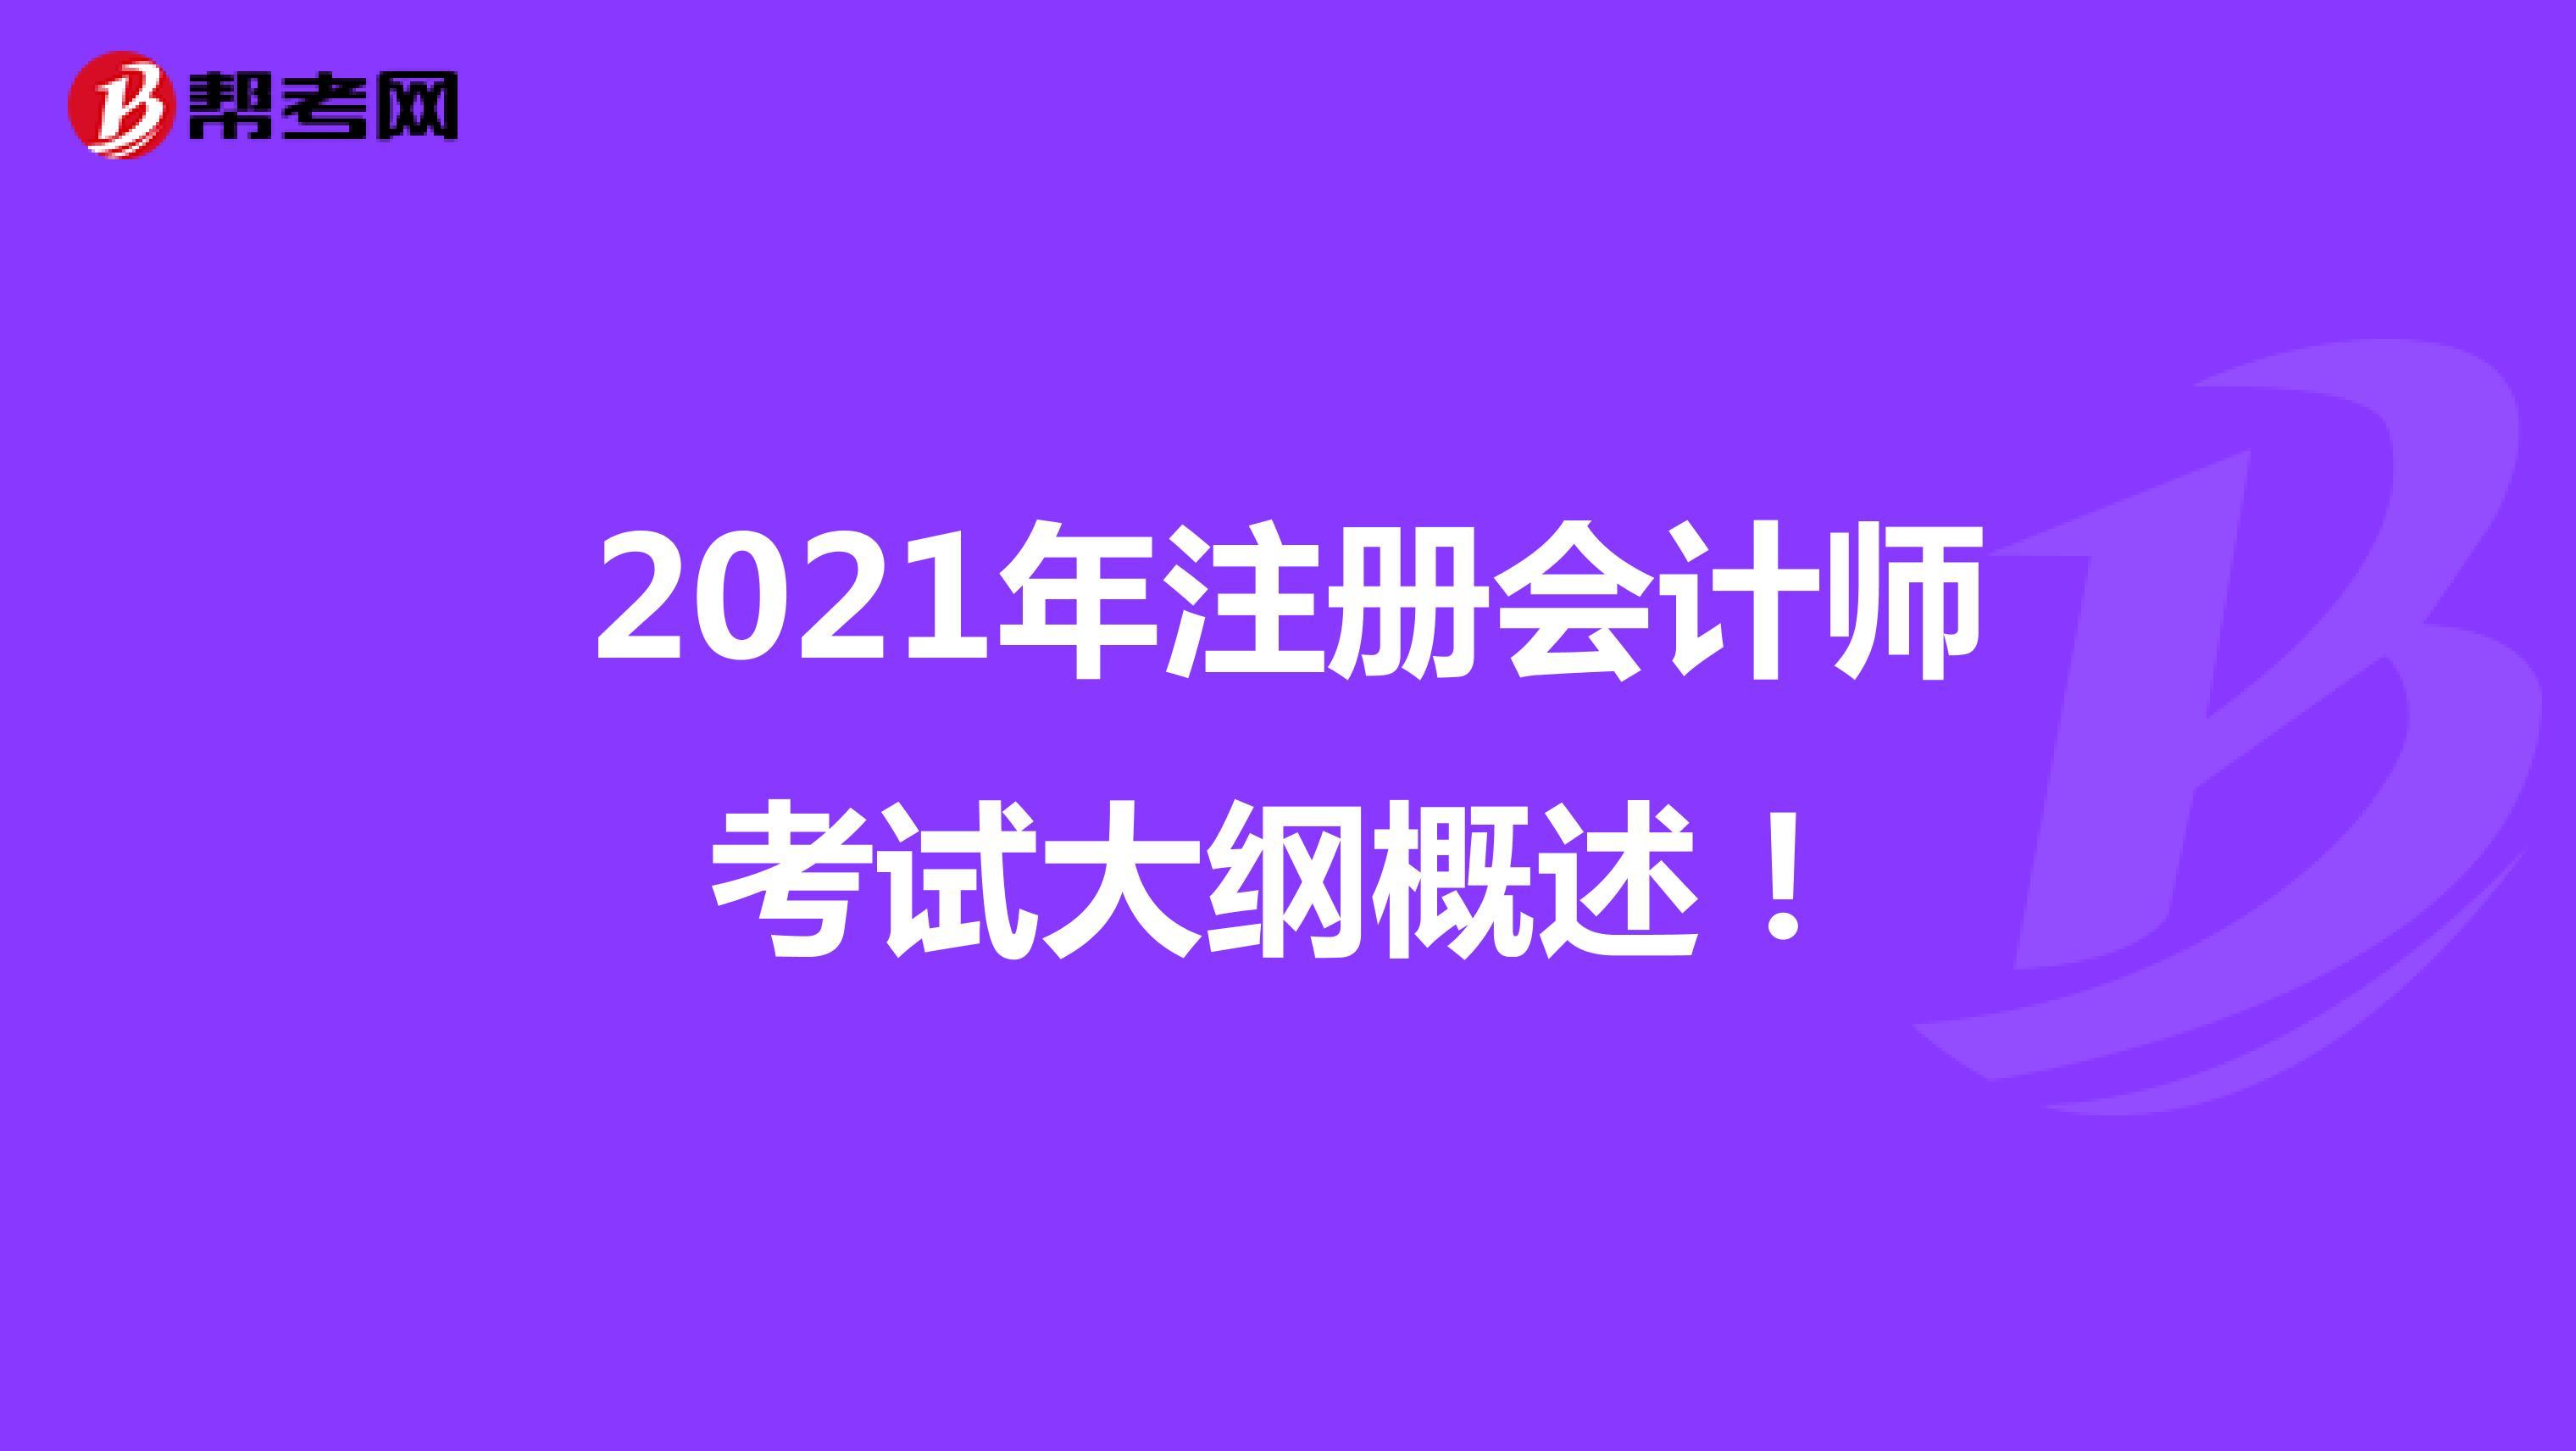 2021年【hot88热竞技提款】注册会计师考试大纲概述!